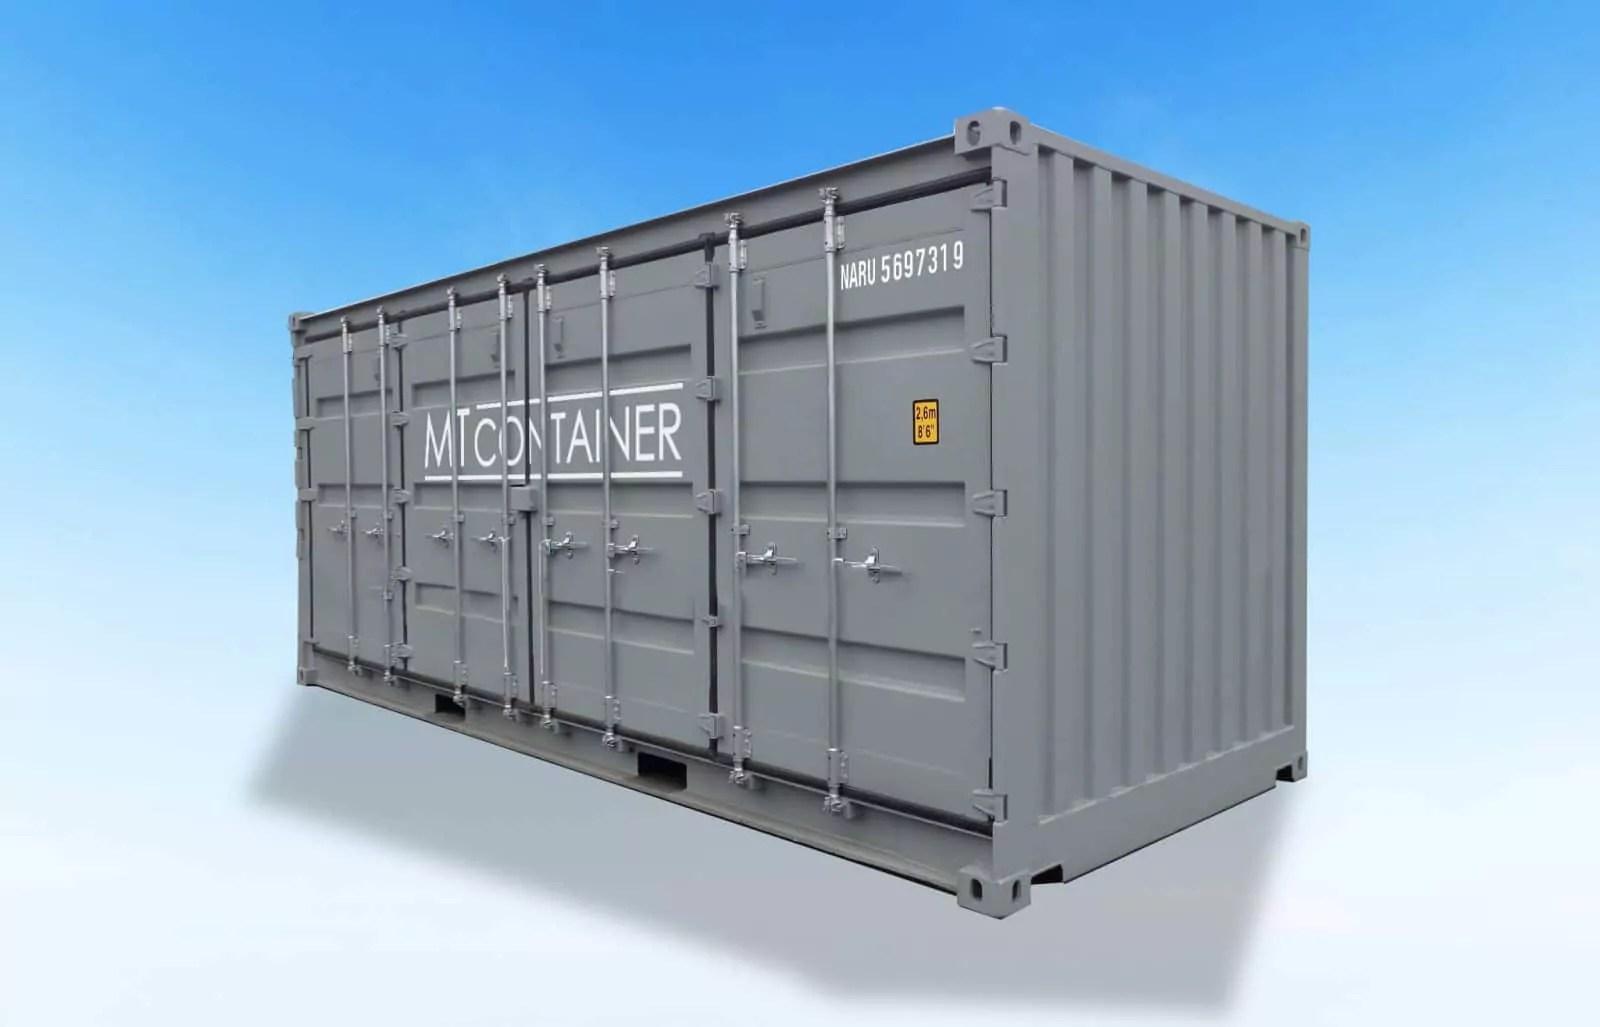 Seecontainer Kaufen Preise | Containerdienst München Isar Container ...